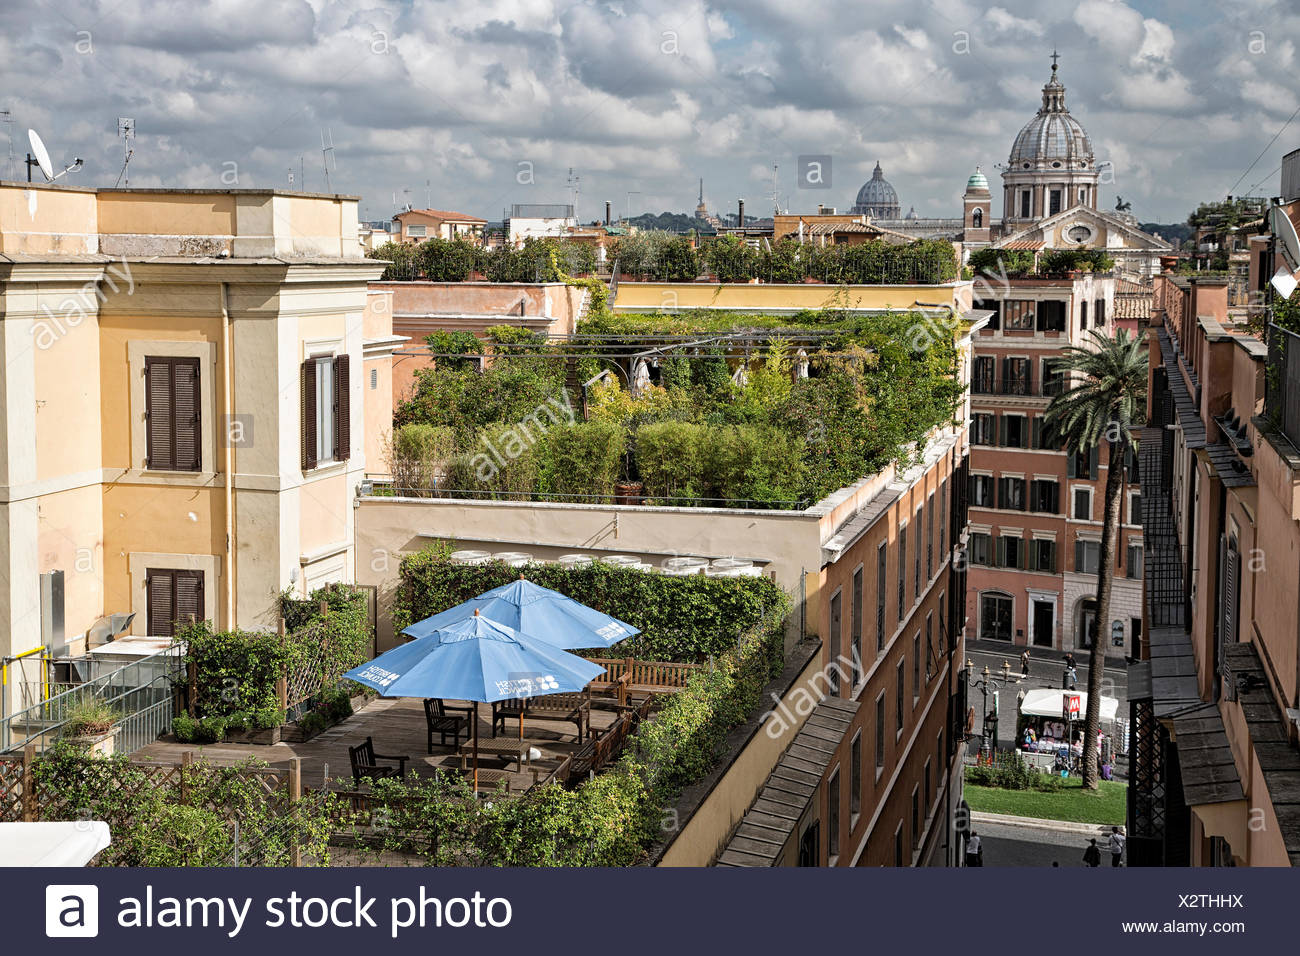 Accademia, accademia, tetto, Francia, Francia, giardino, verde, capitale, Italia, Europa, Roma, terrazza, villa Borghese, Villa Medici Immagini Stock